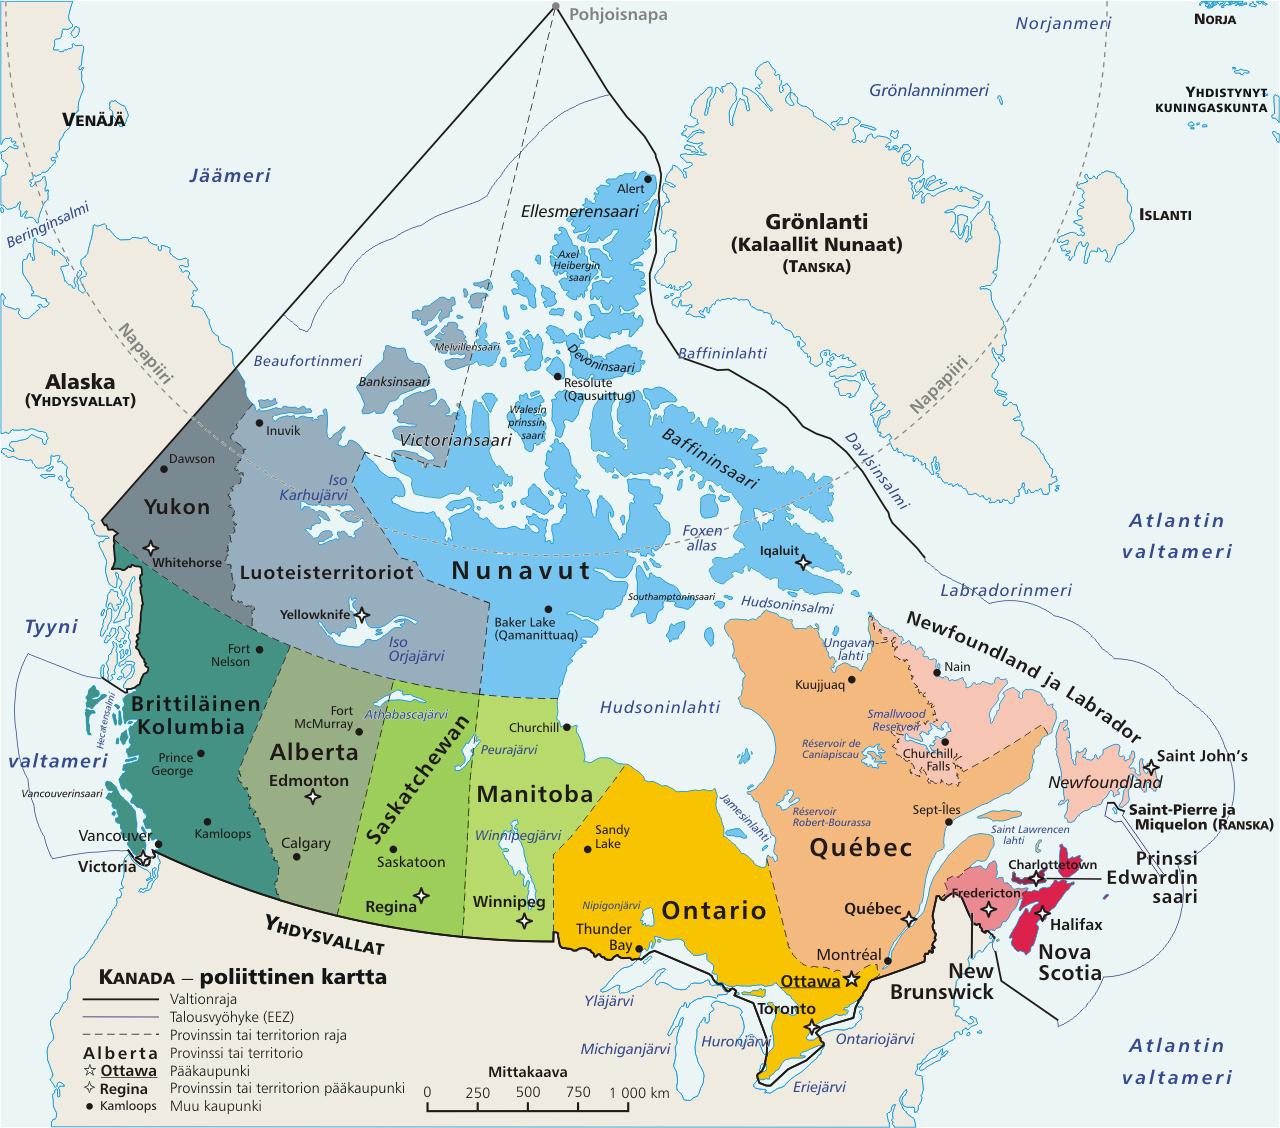 File:kanada poliittinen maantiede kartta fi